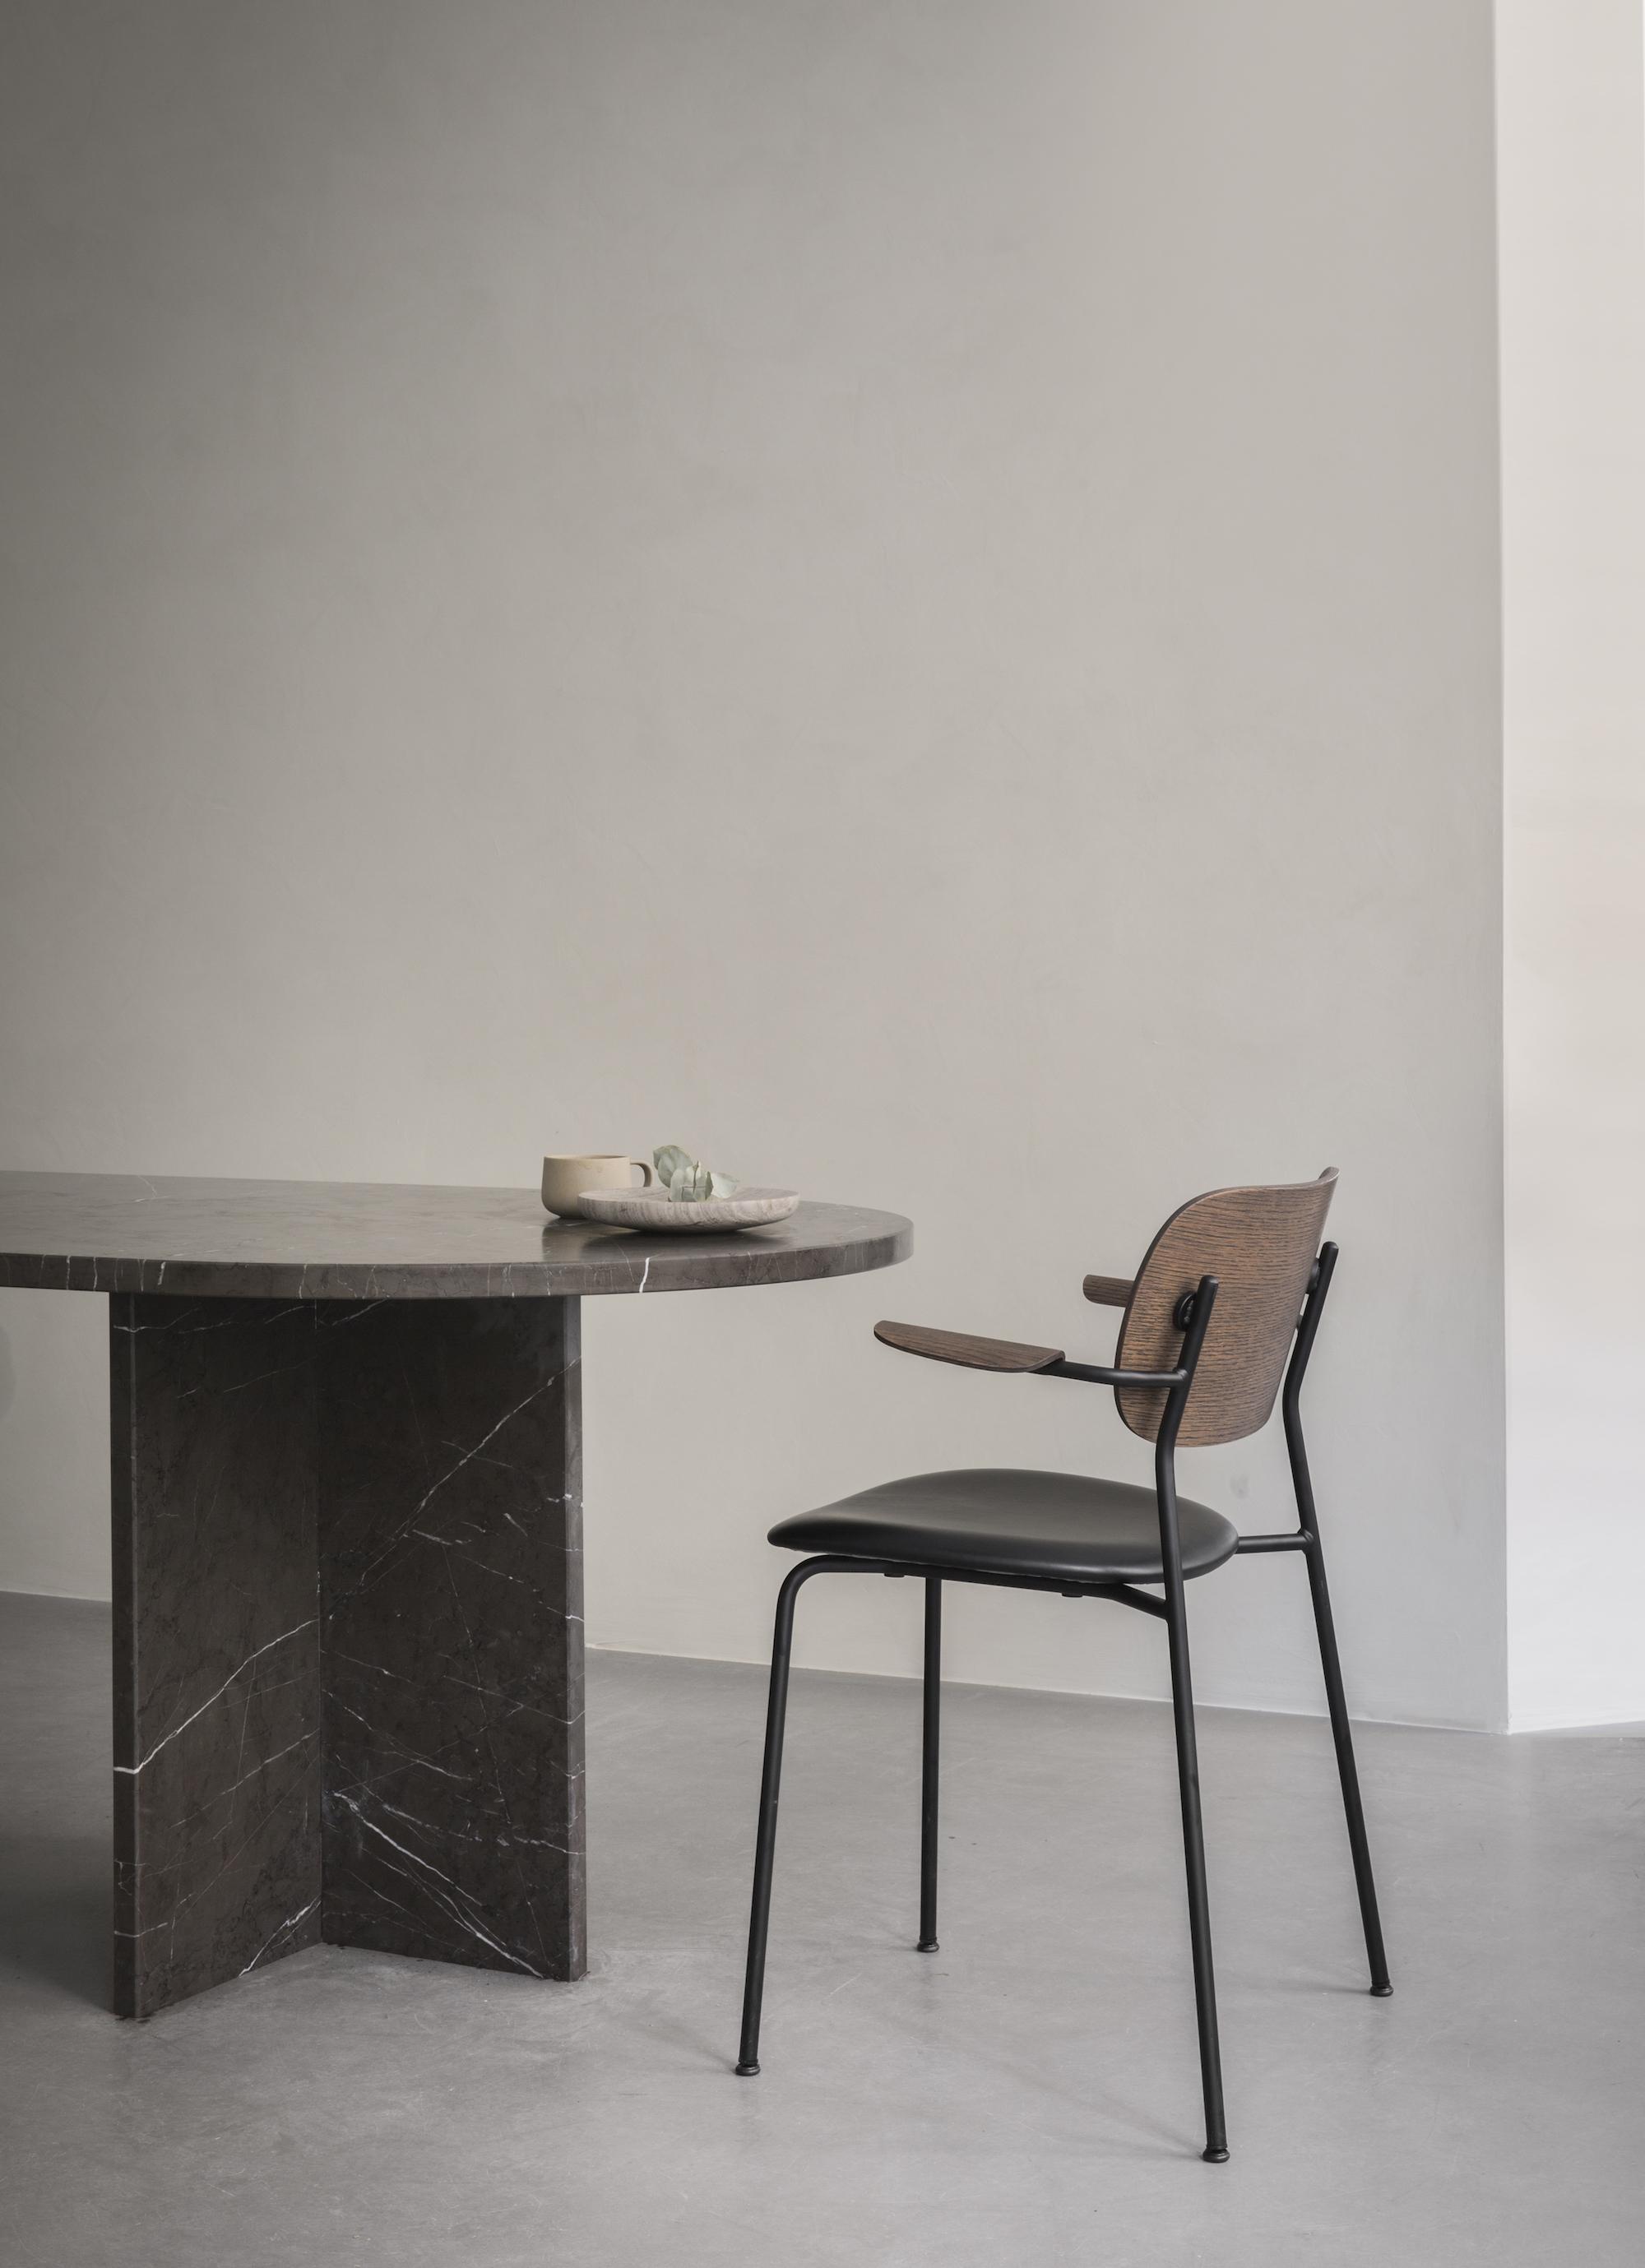 Snaregade table, Co Chair The Lab Menu, modern furniture, chair, scandinavian design, scandinavian home.jpg